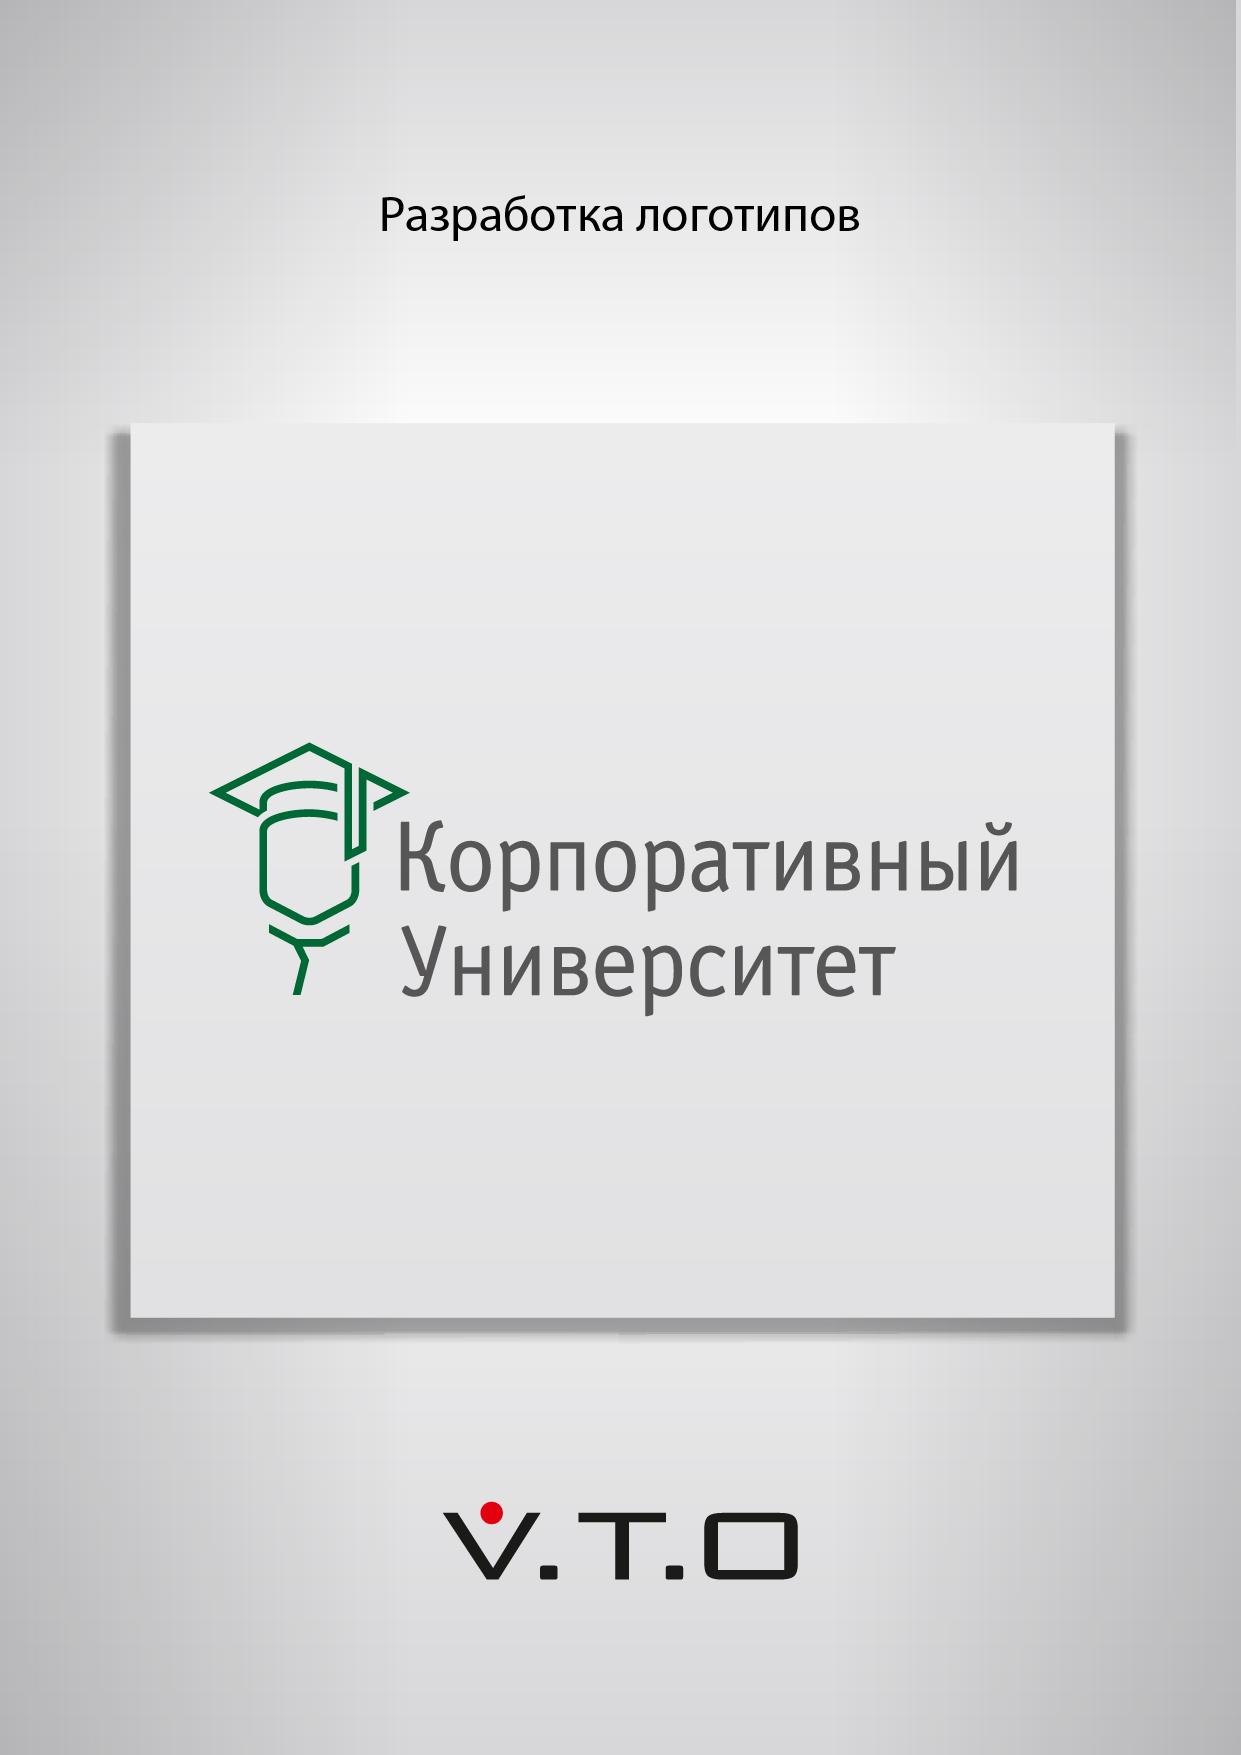 Логотип корпоративного университета Сбербанка